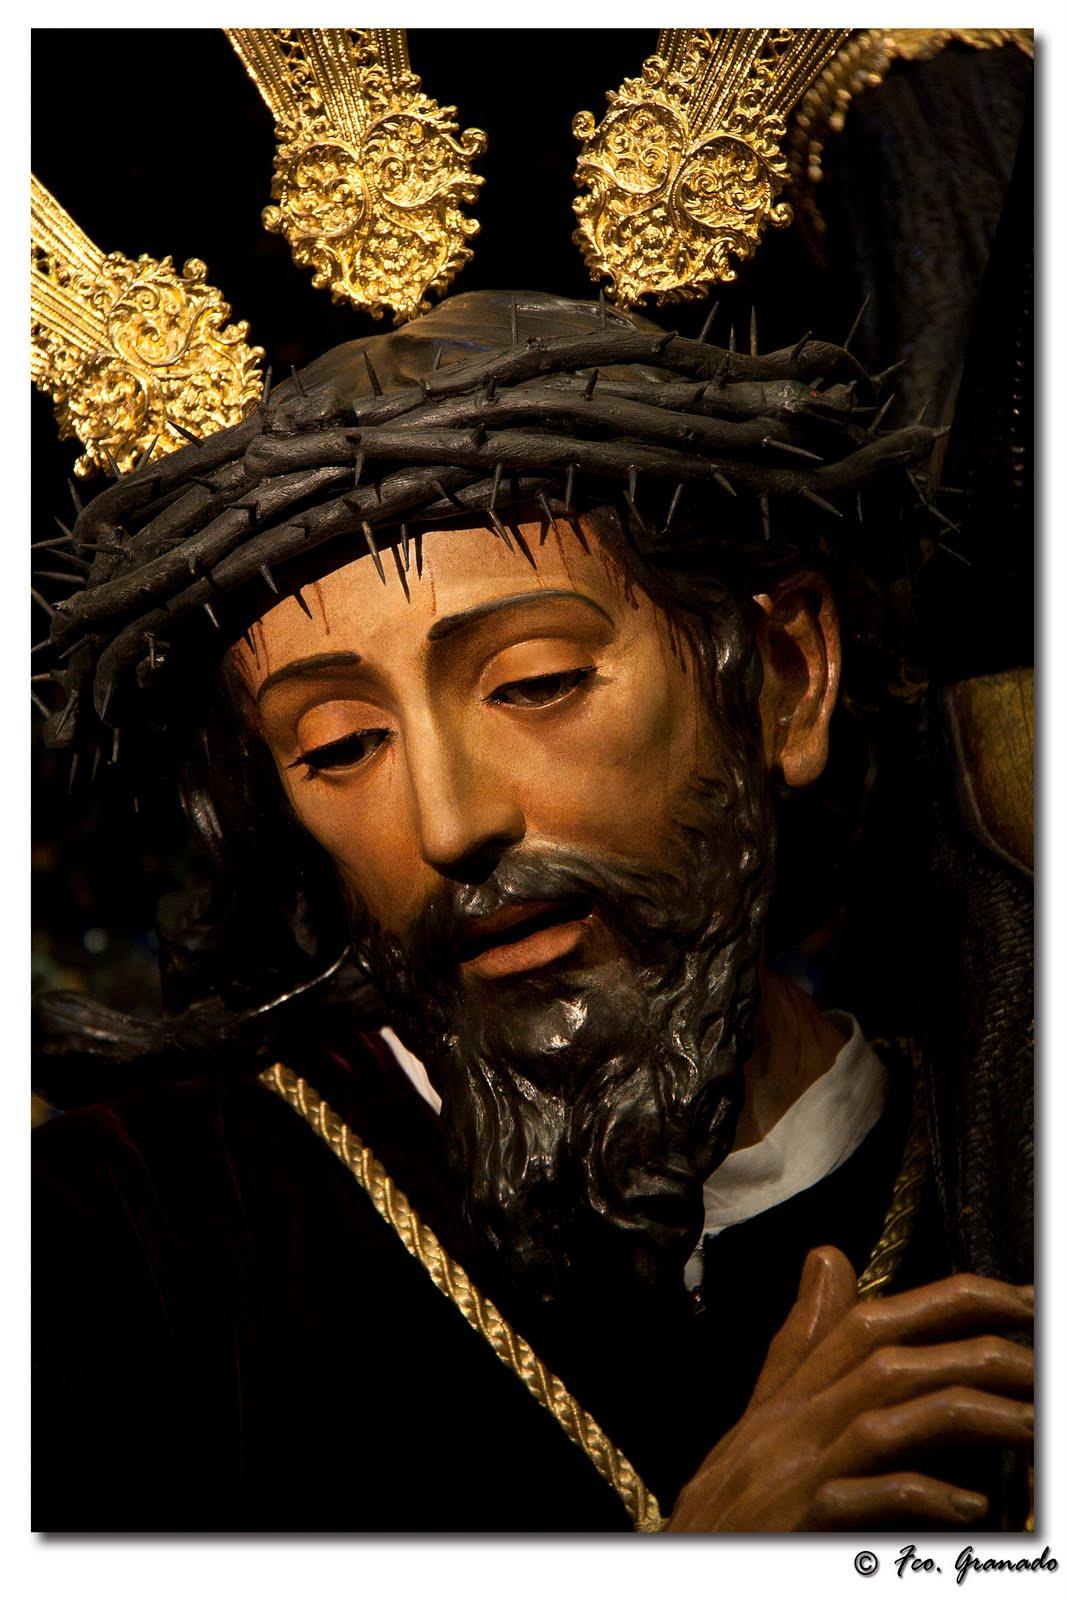 http://franciscogranadopatero35.blogspot.com.es/2011/03/nuestro-padre-jesus-nazareno-y-maria.html